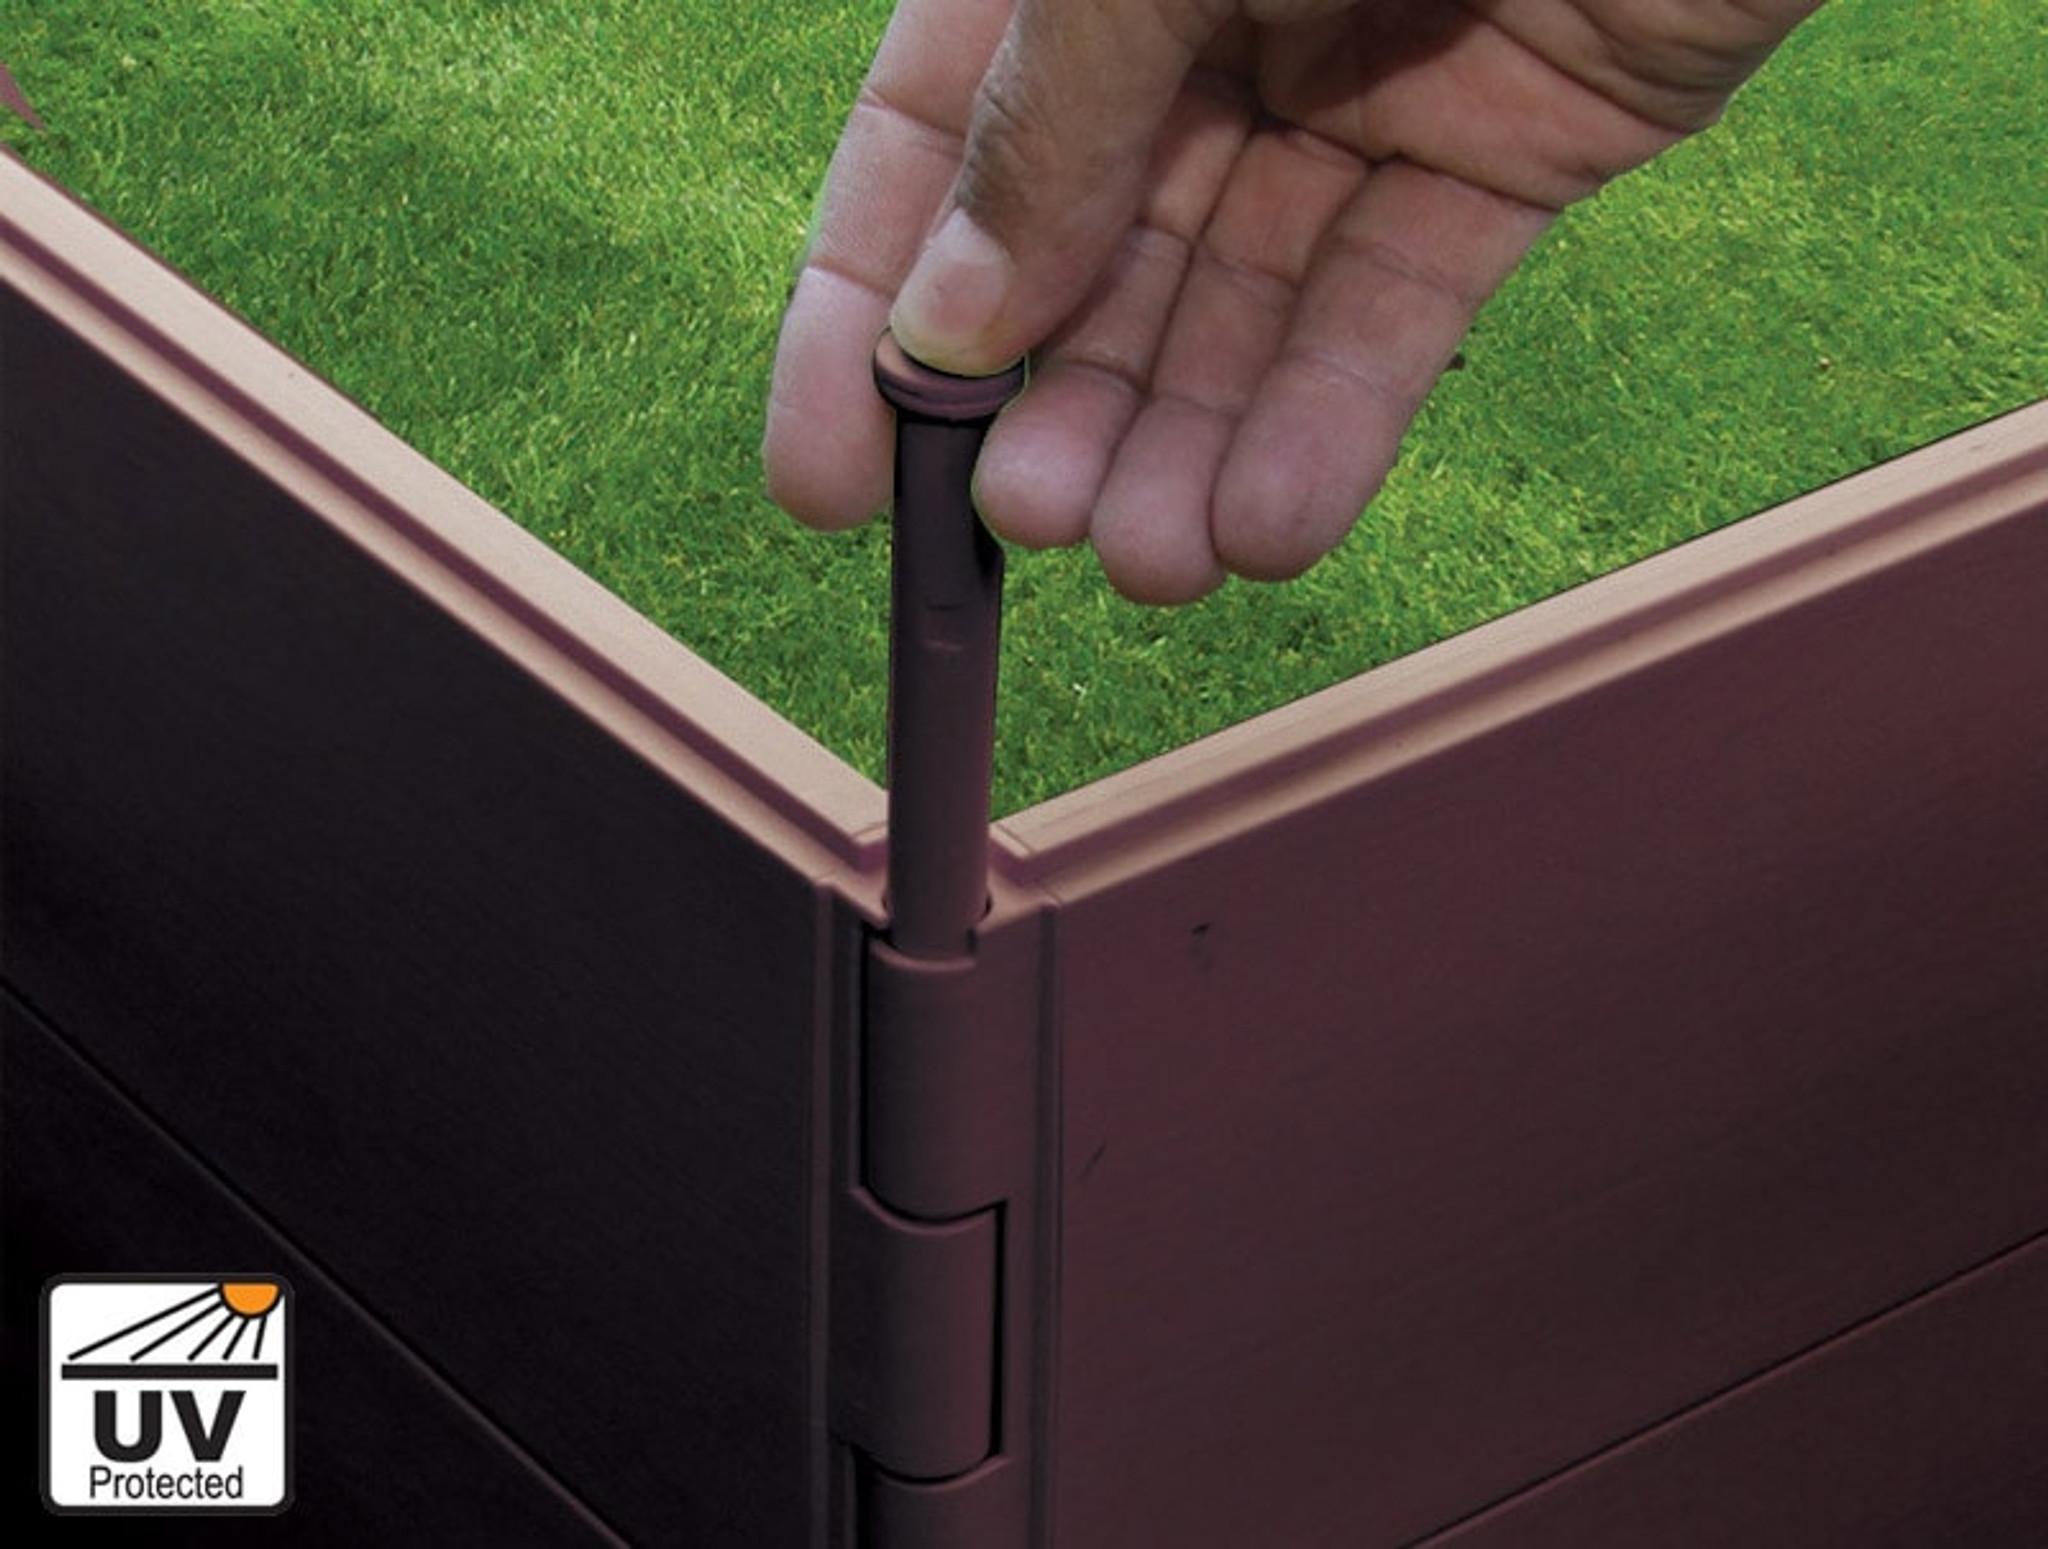 Smart connectors allow for shape changes